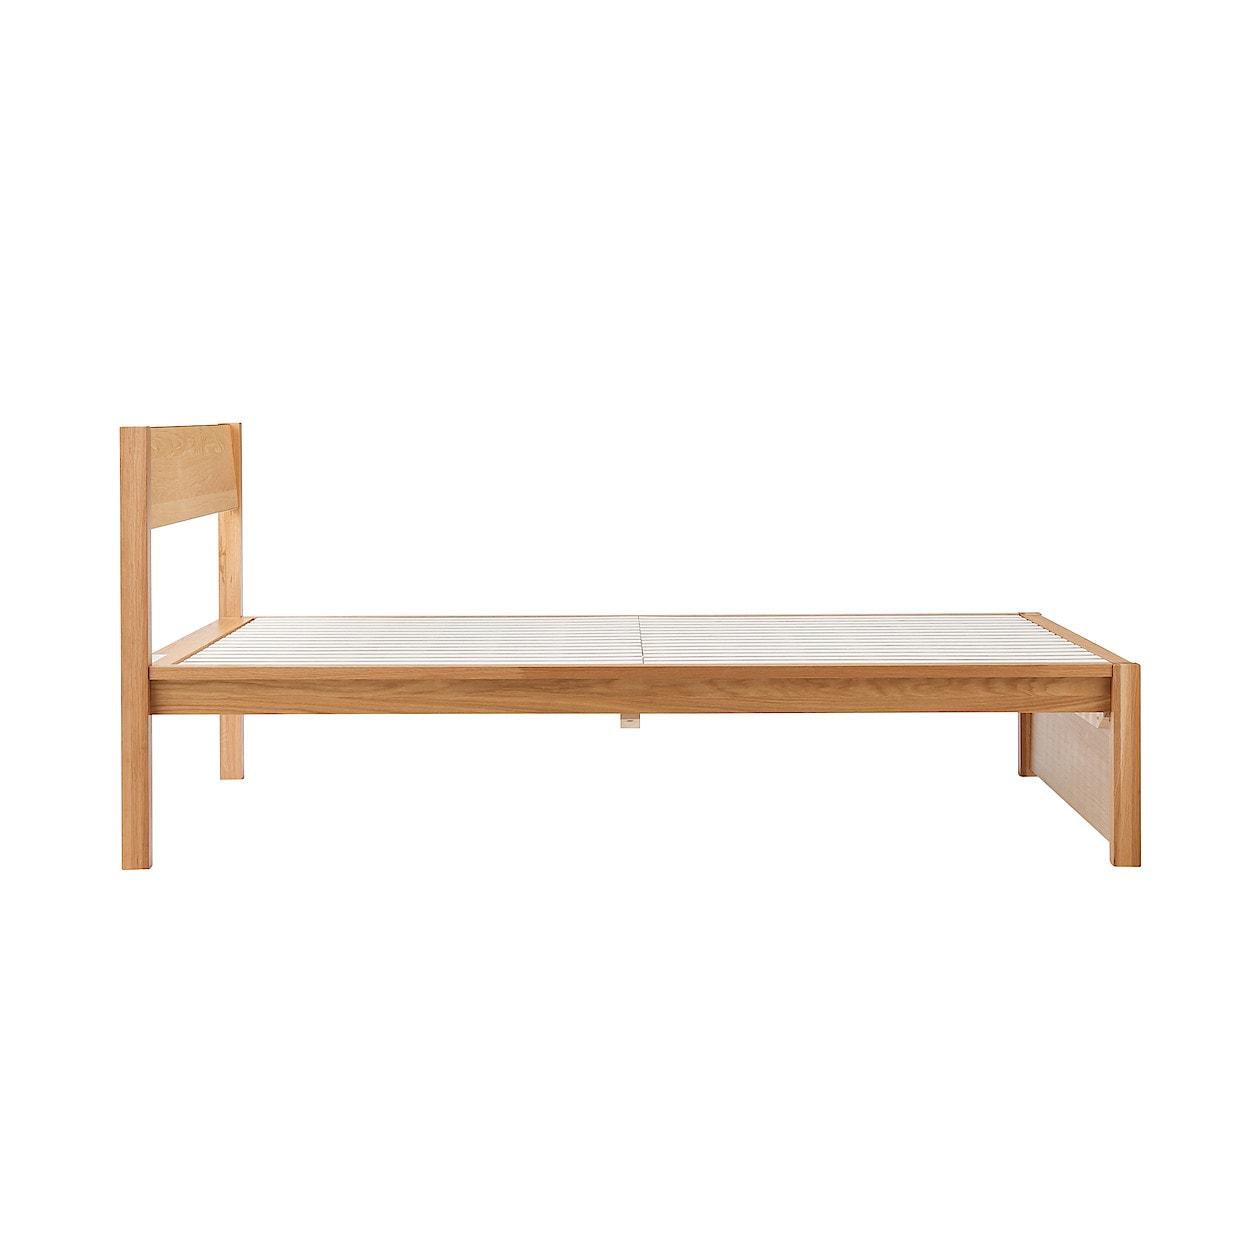 無印良品 木製ベッド・オーク材・セミダブル